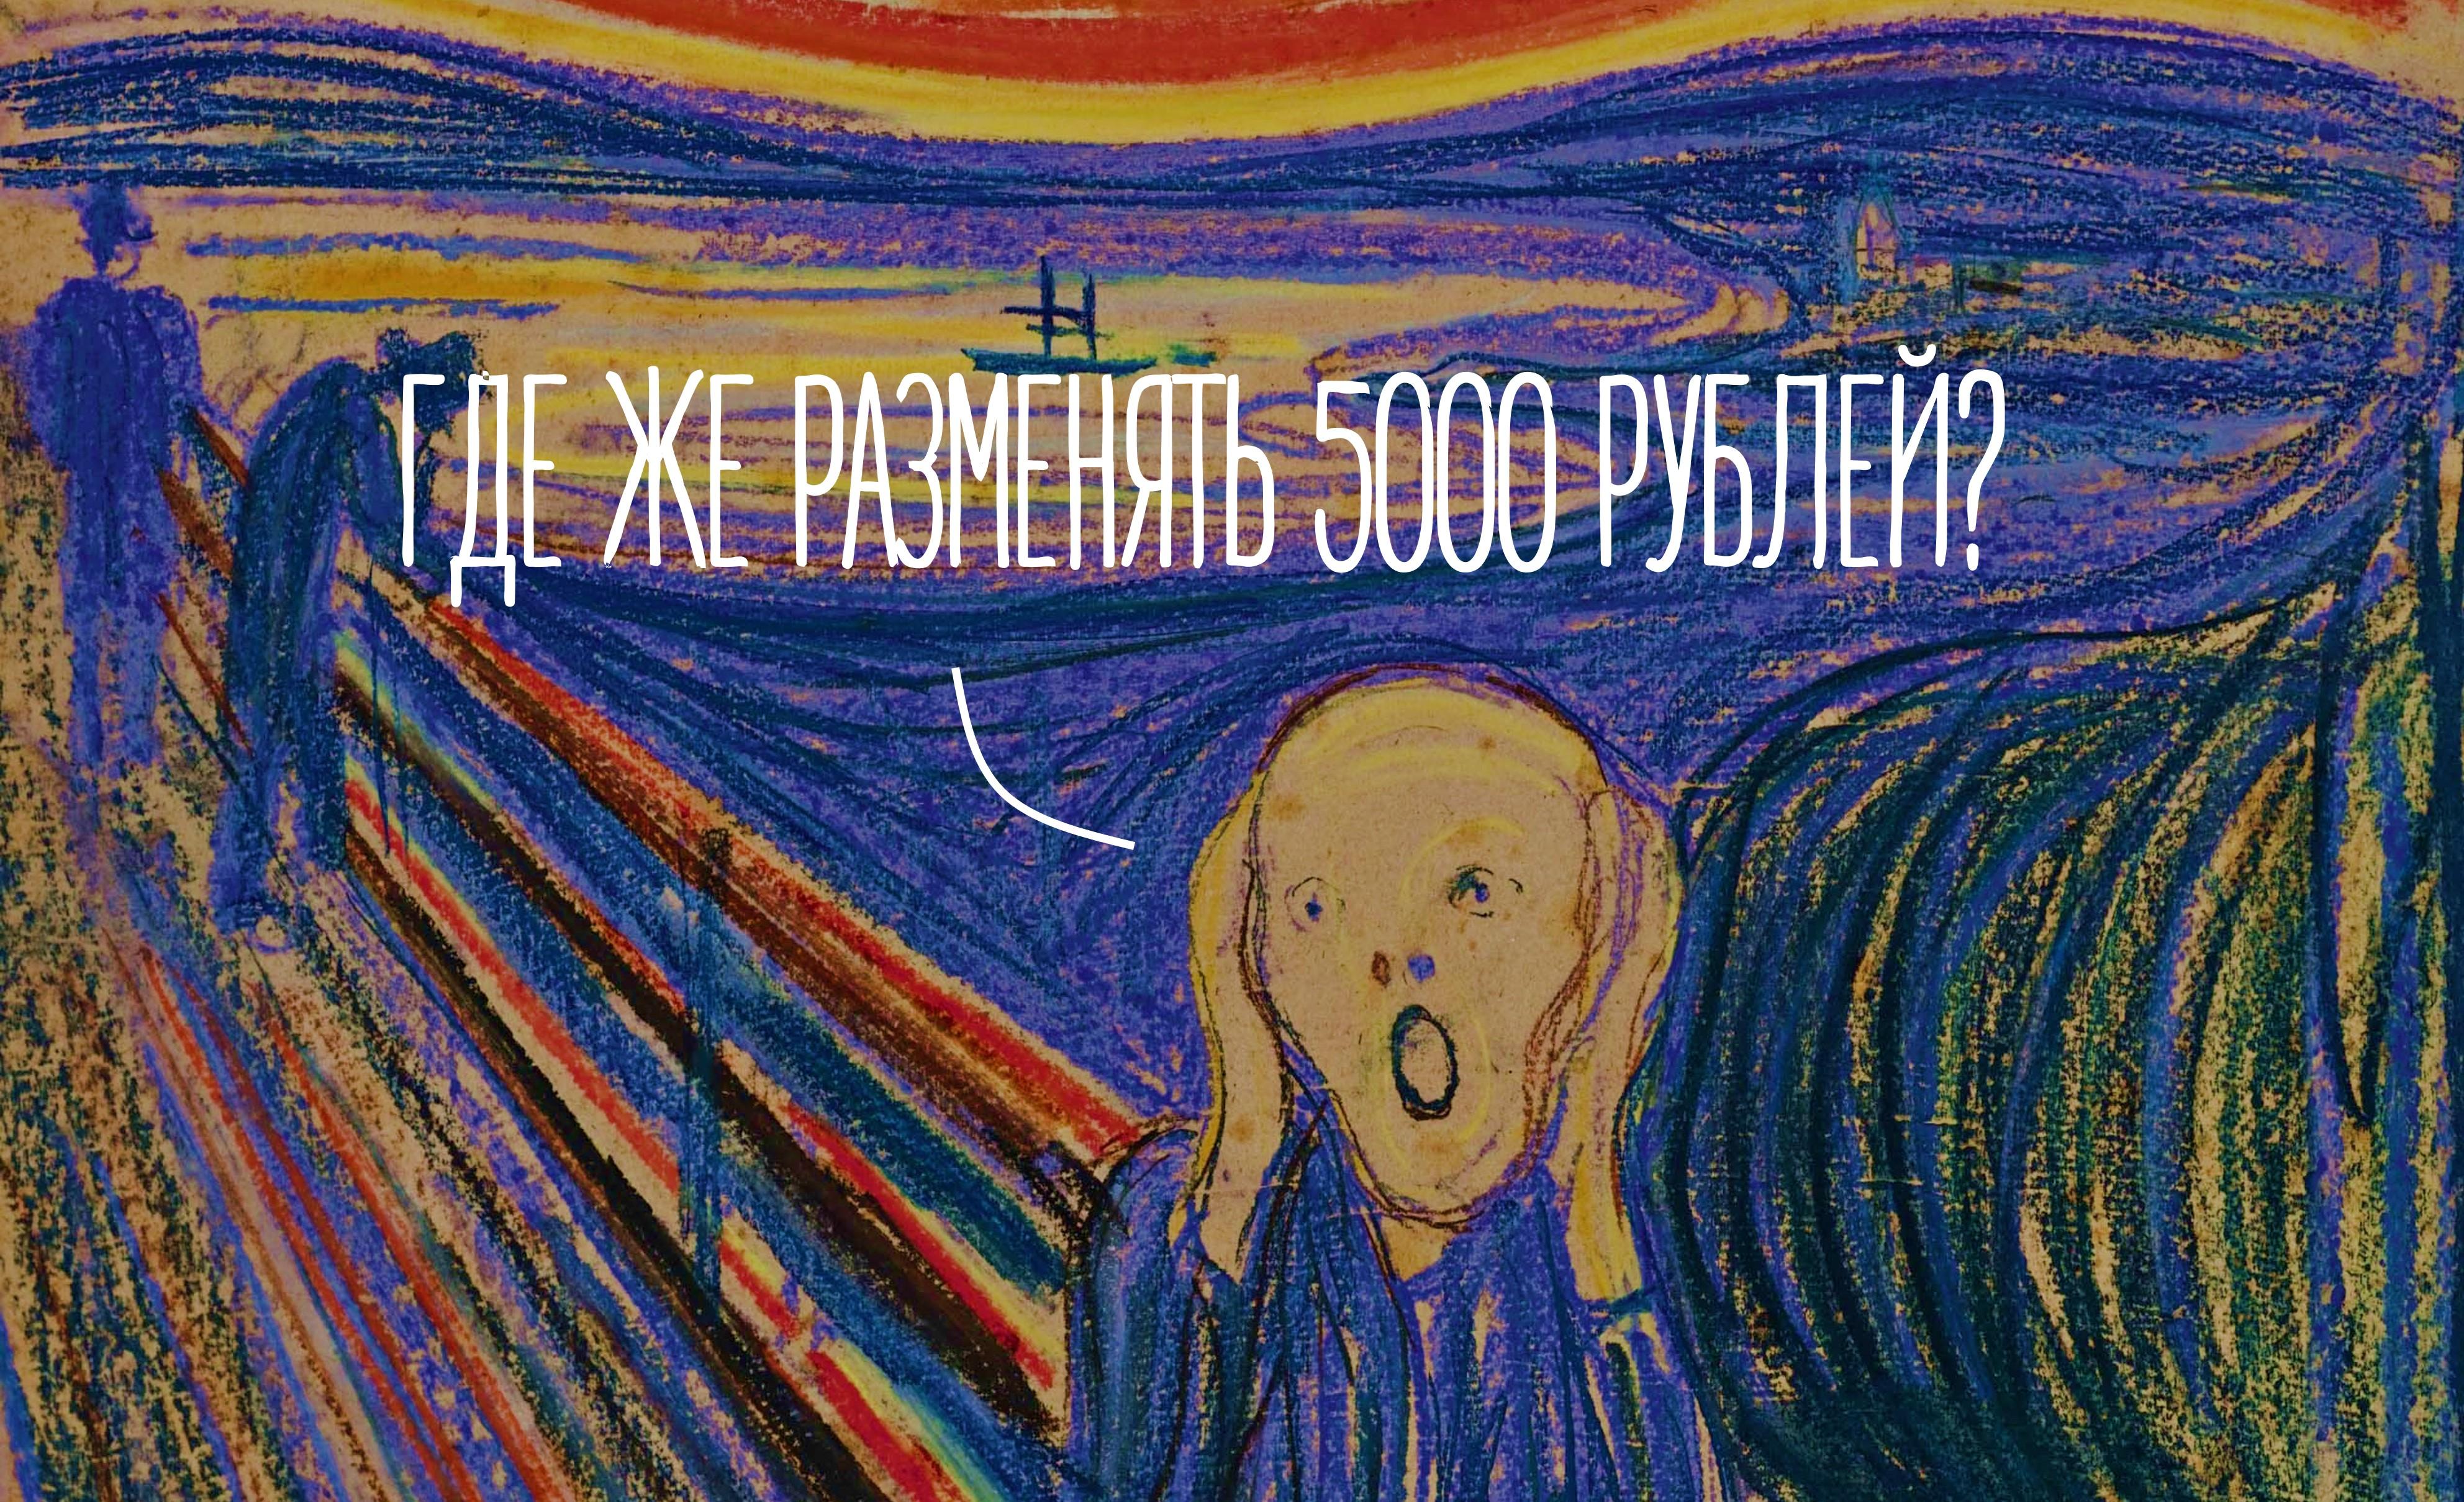 как разменять деньги grosh-blog журнал о деньгах